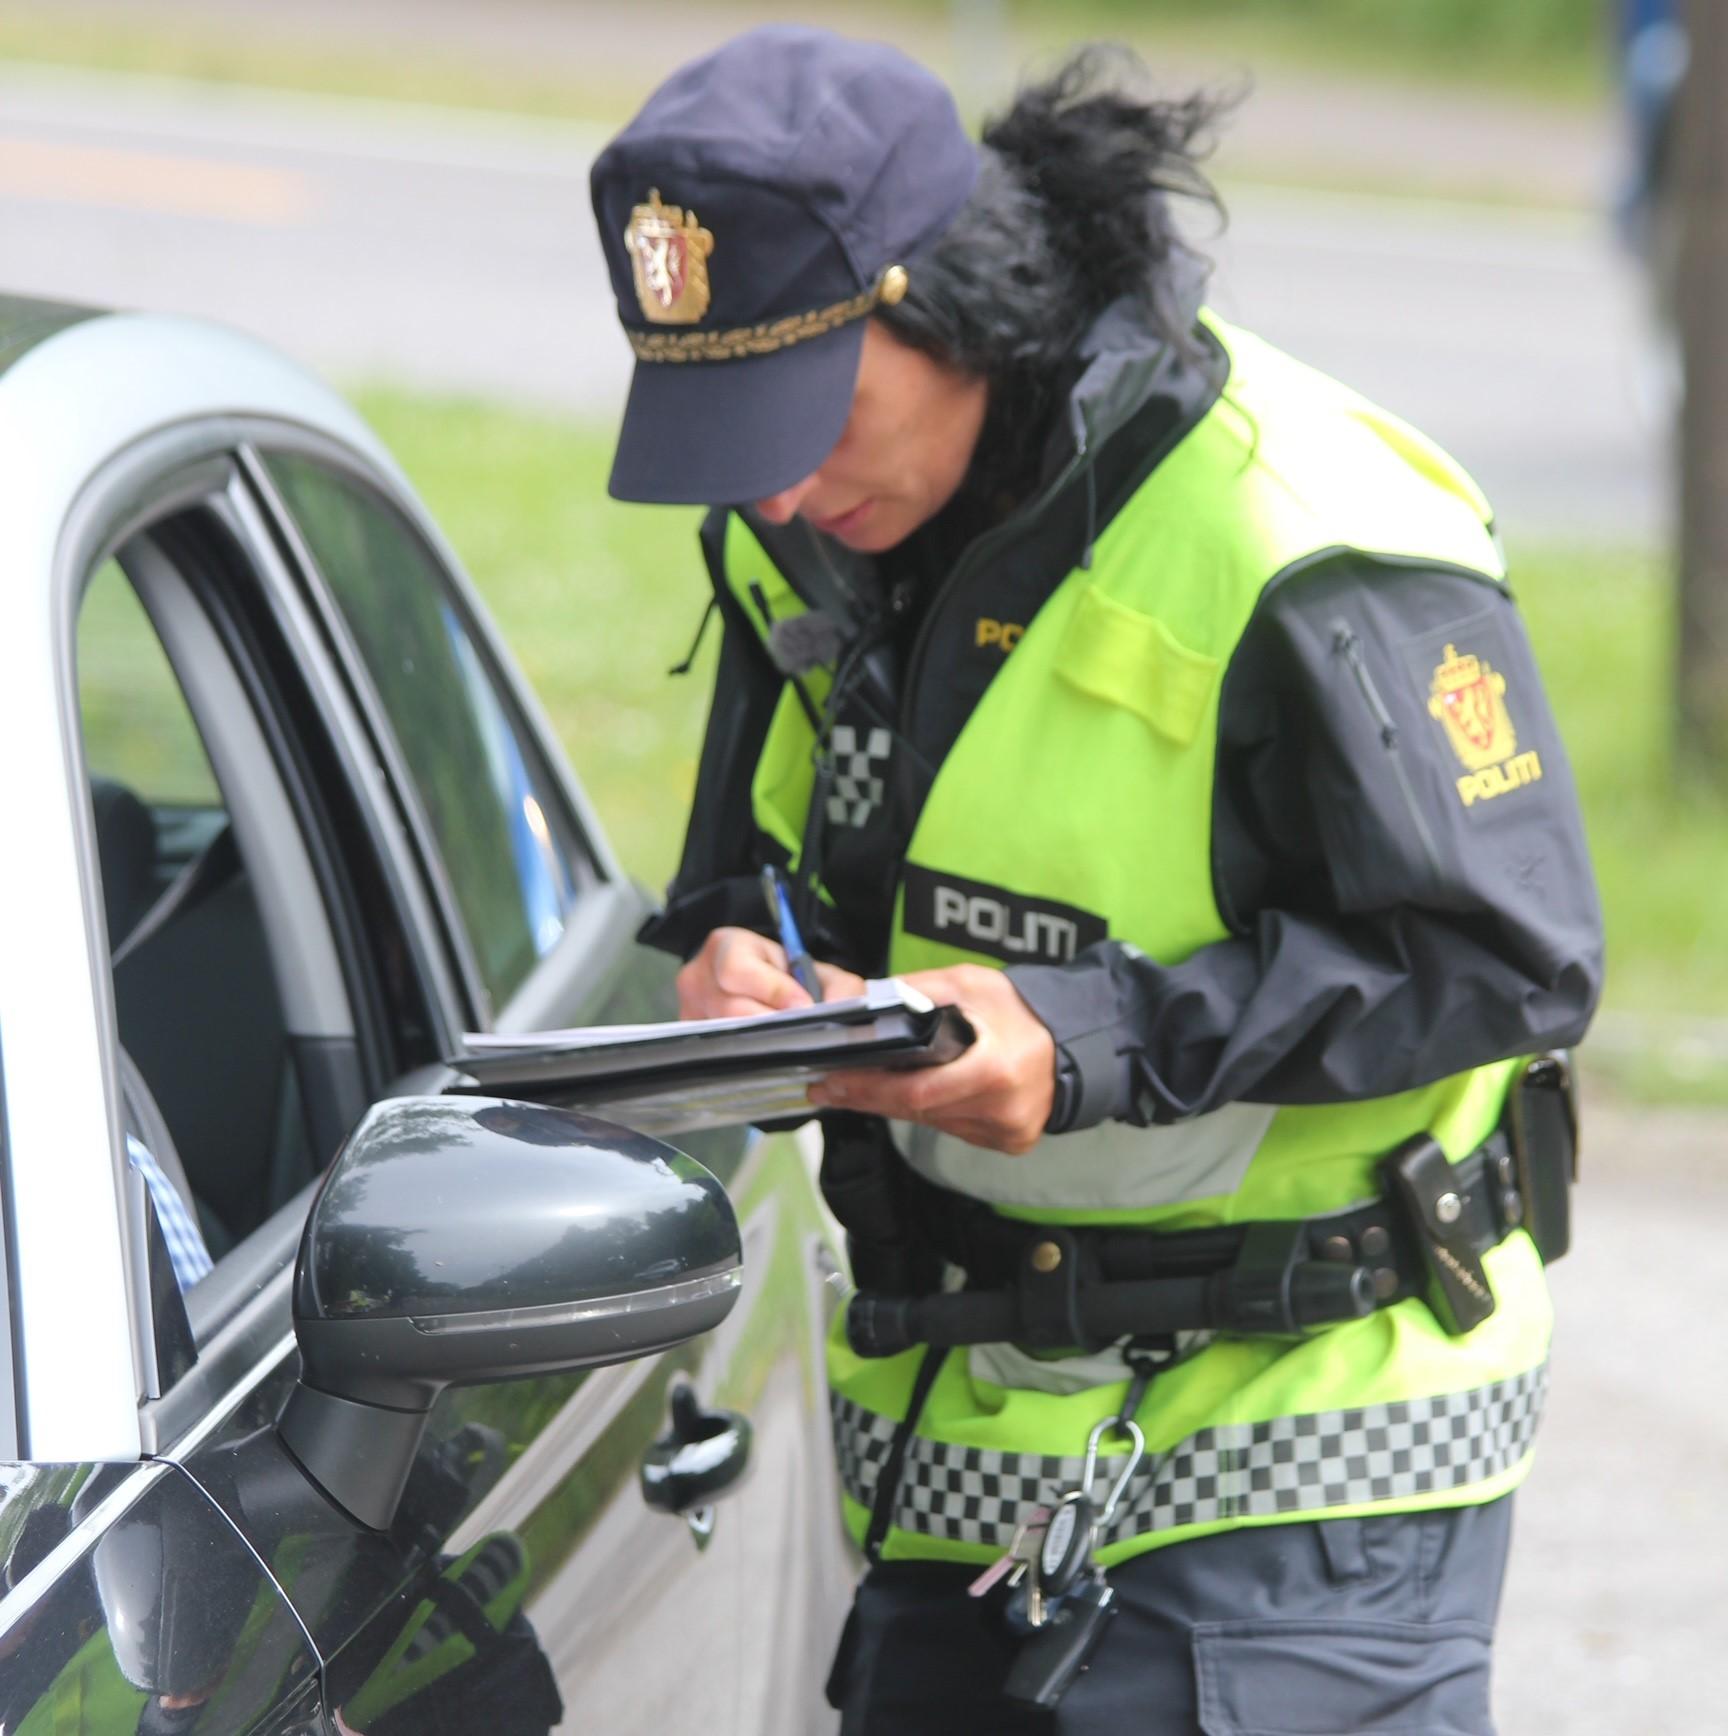 Politiet skal promilleteste alle i trafikkontroller